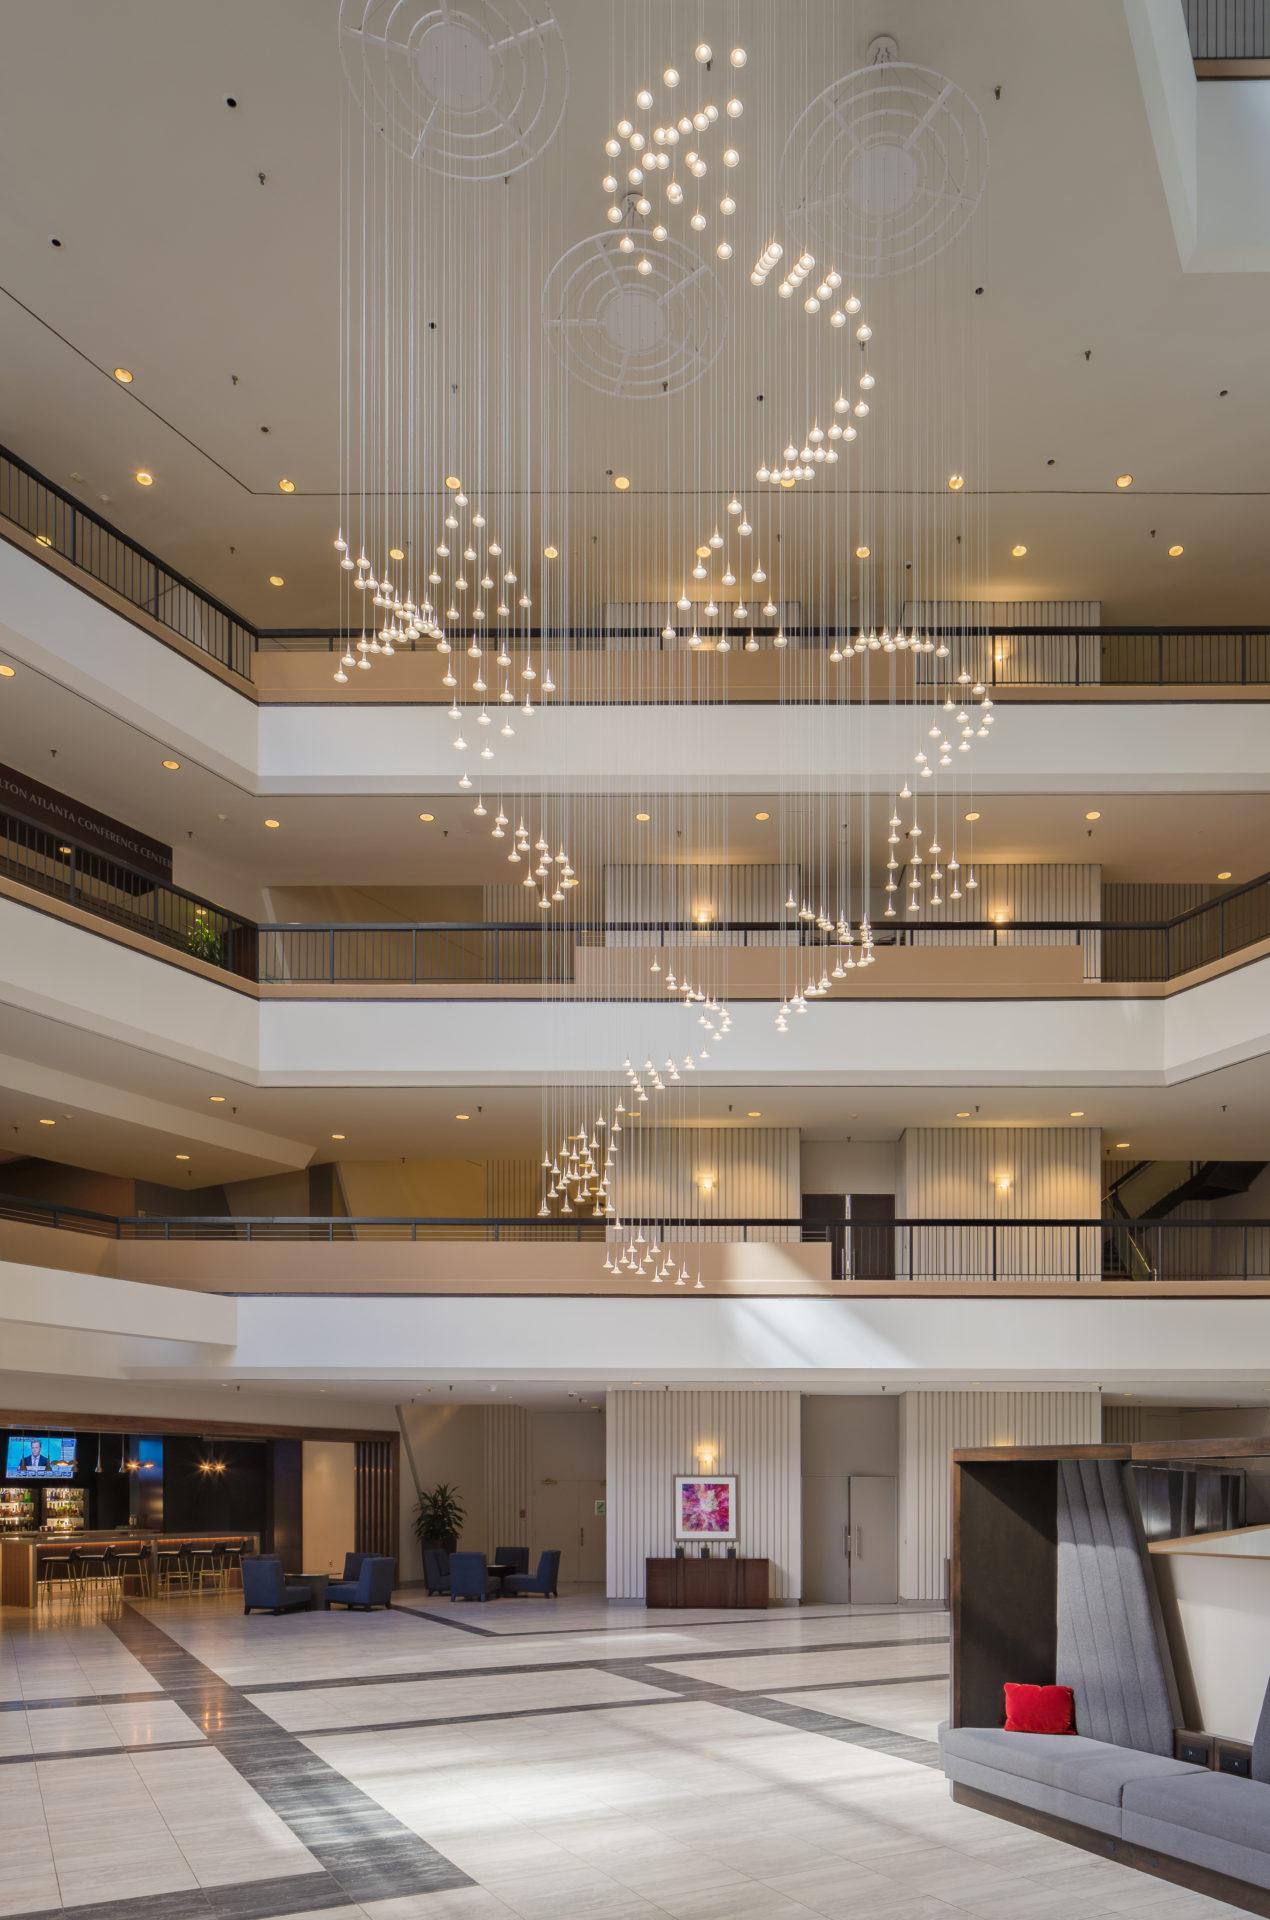 Hilton atrium features Daltile